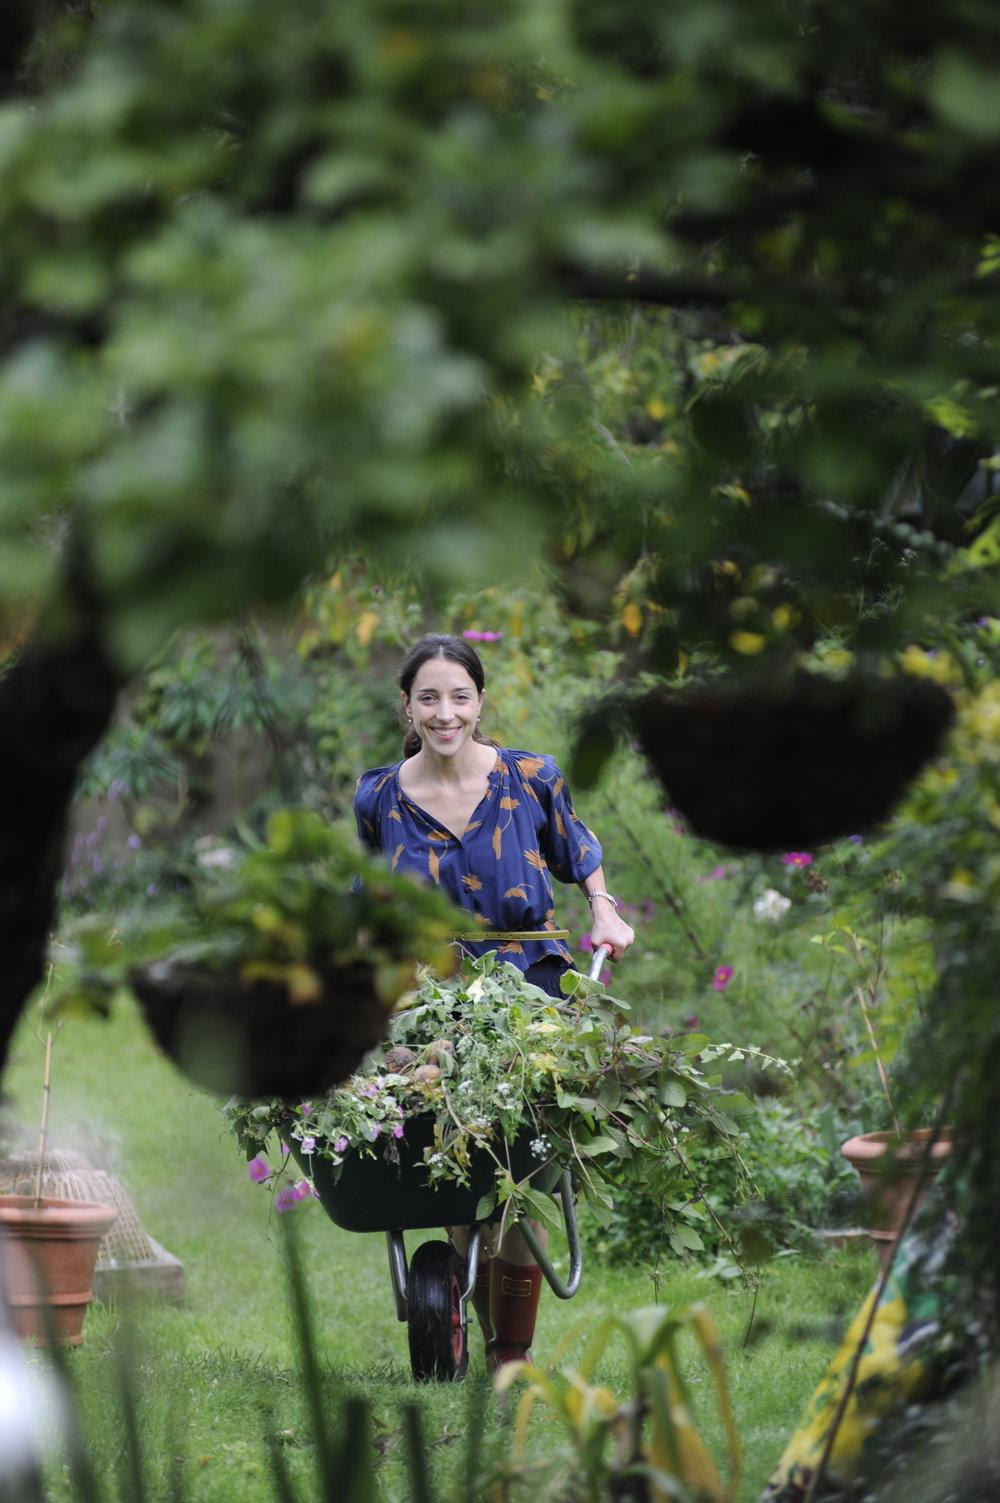 Happy gardening. Photo by Jill Mead